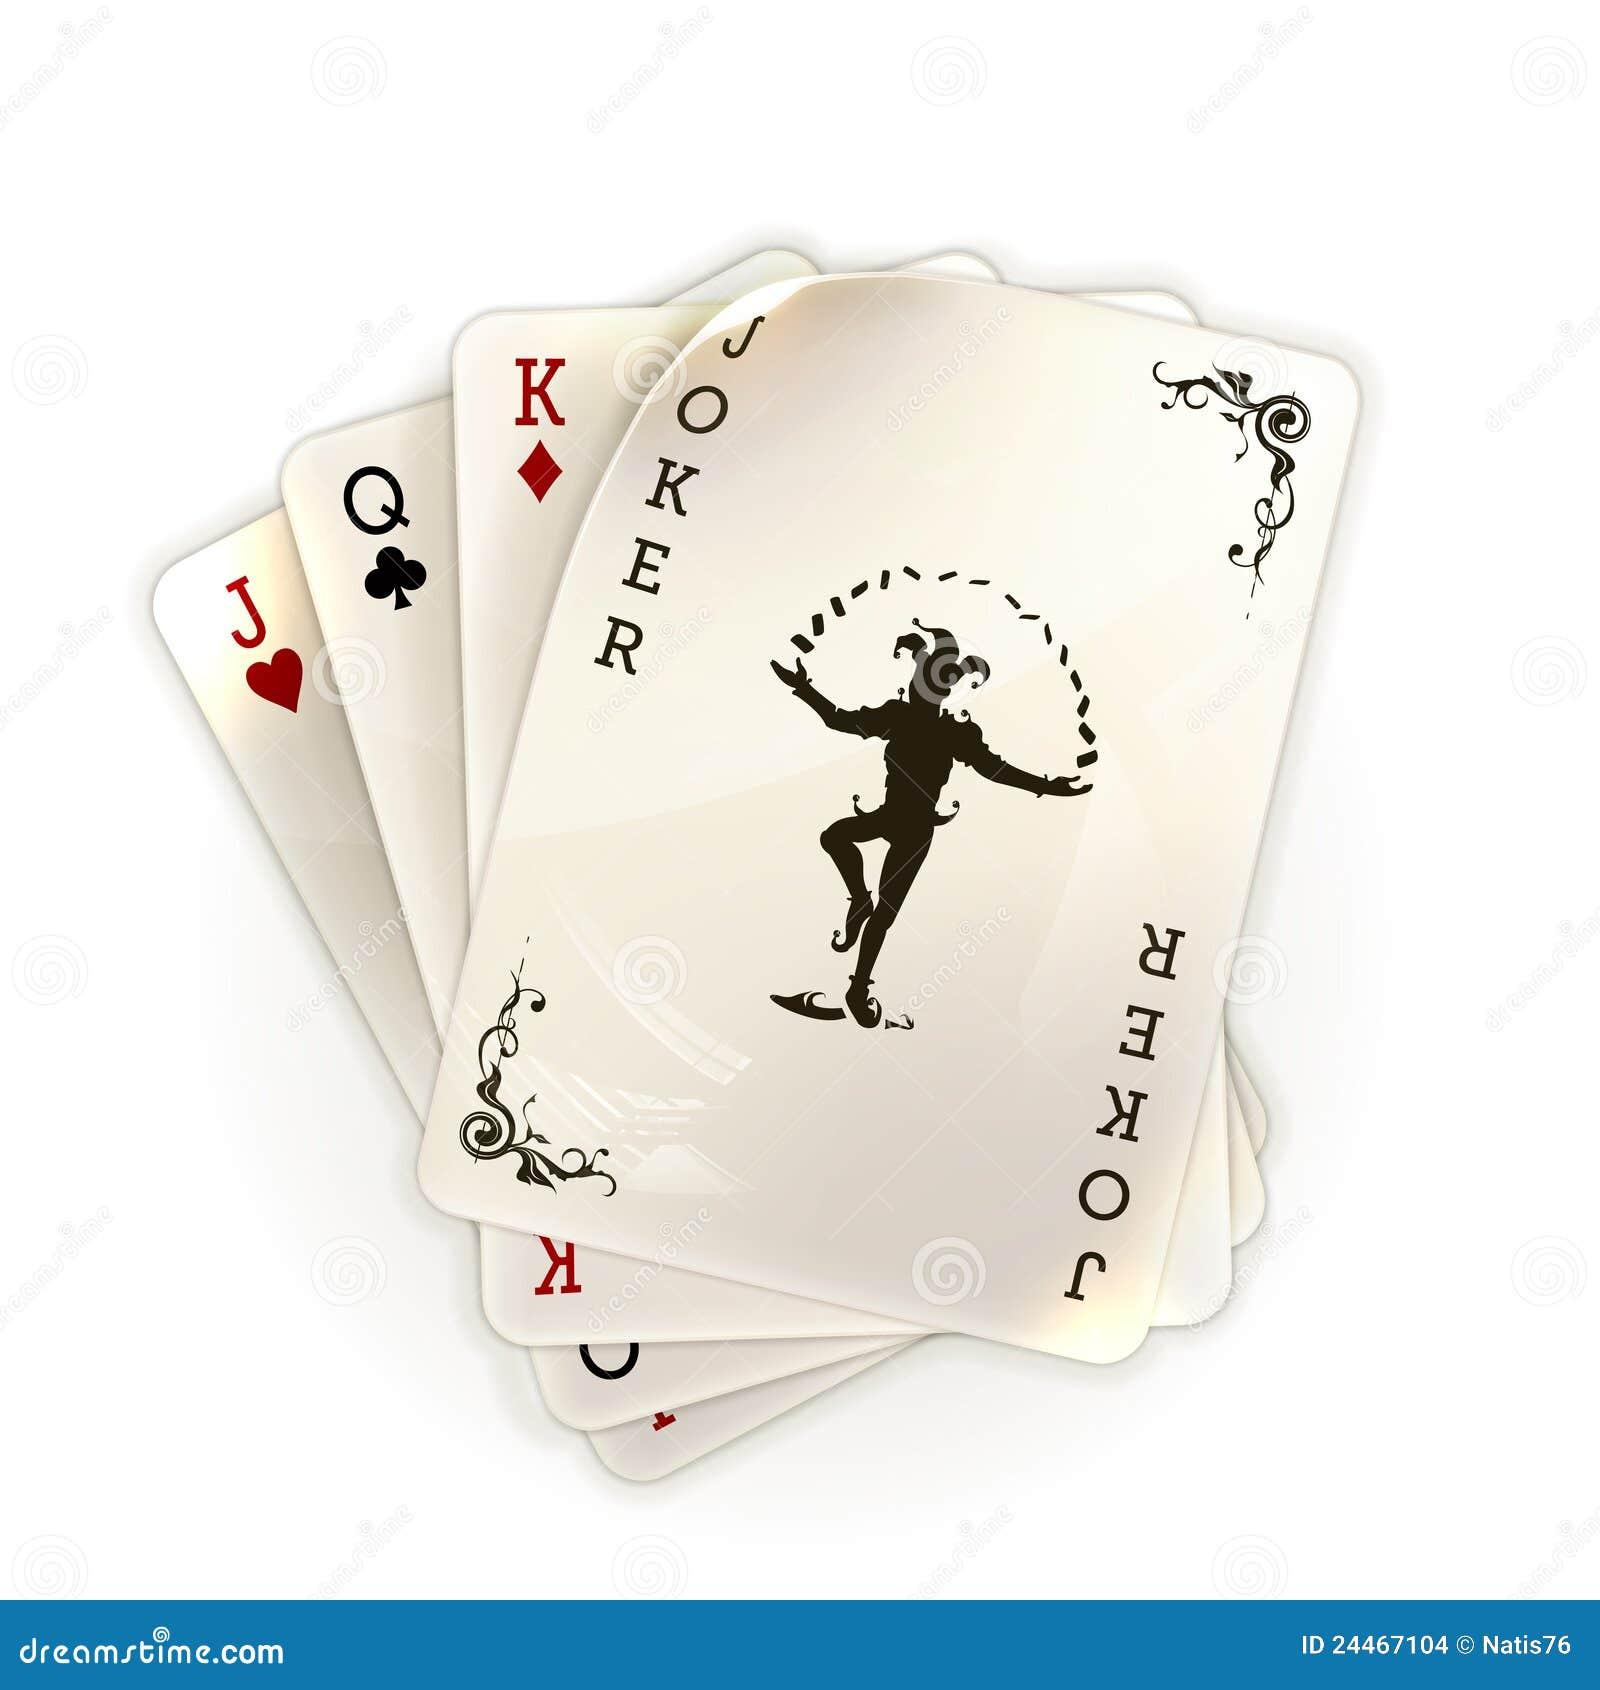 vintage joker playing card